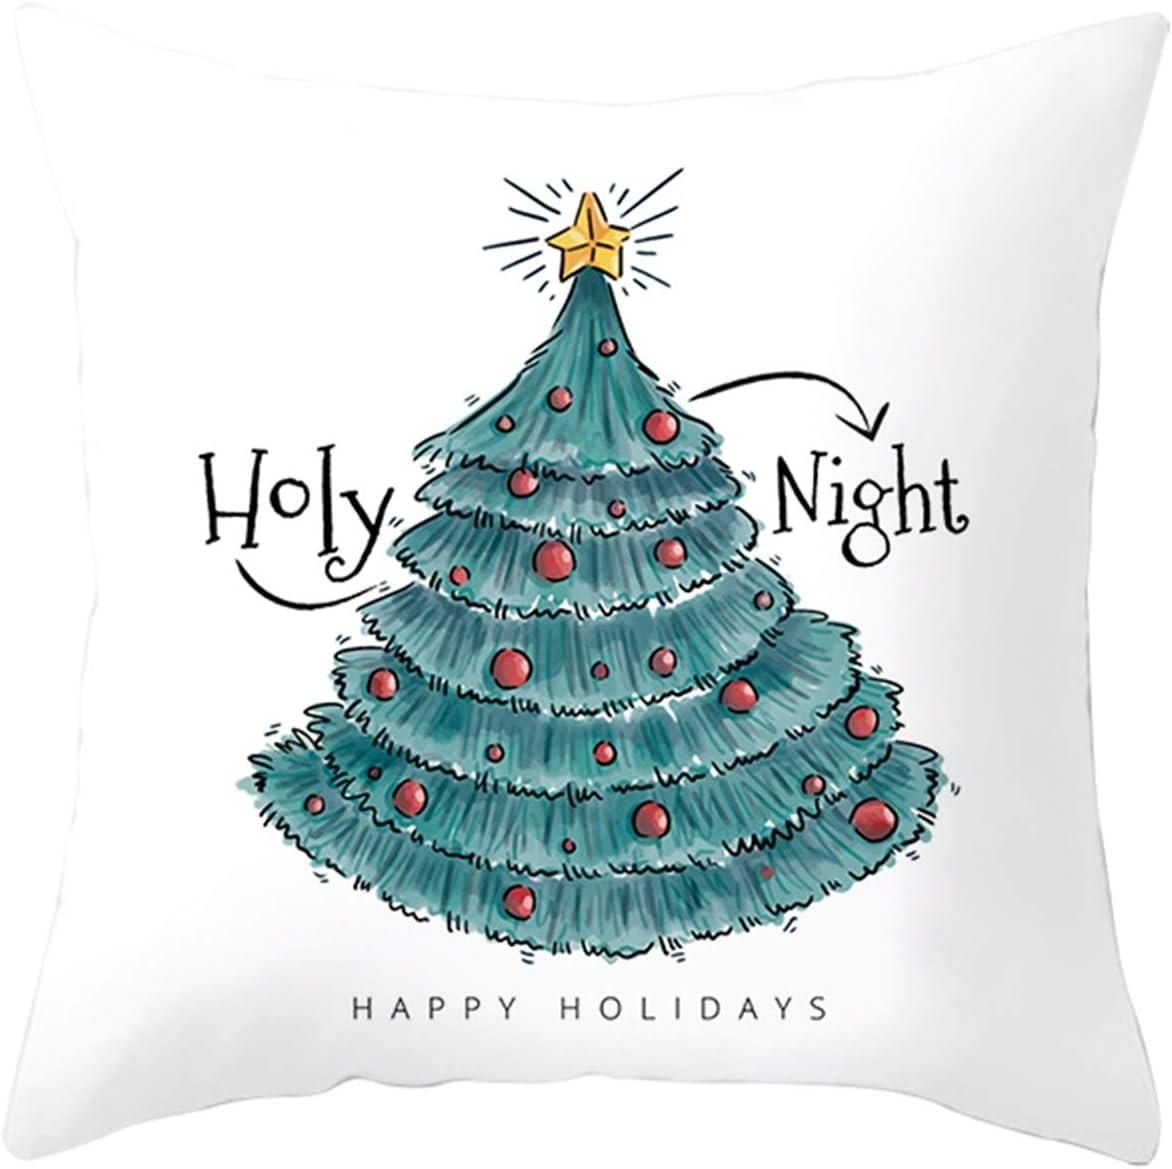 Amody Fundas de Cojin para Sofa, Funda de Almohada 40x40cm Árbol de Navidad Holy Noche Fundas Cojines Cama Decorativos Blanco Verde Estilo 38